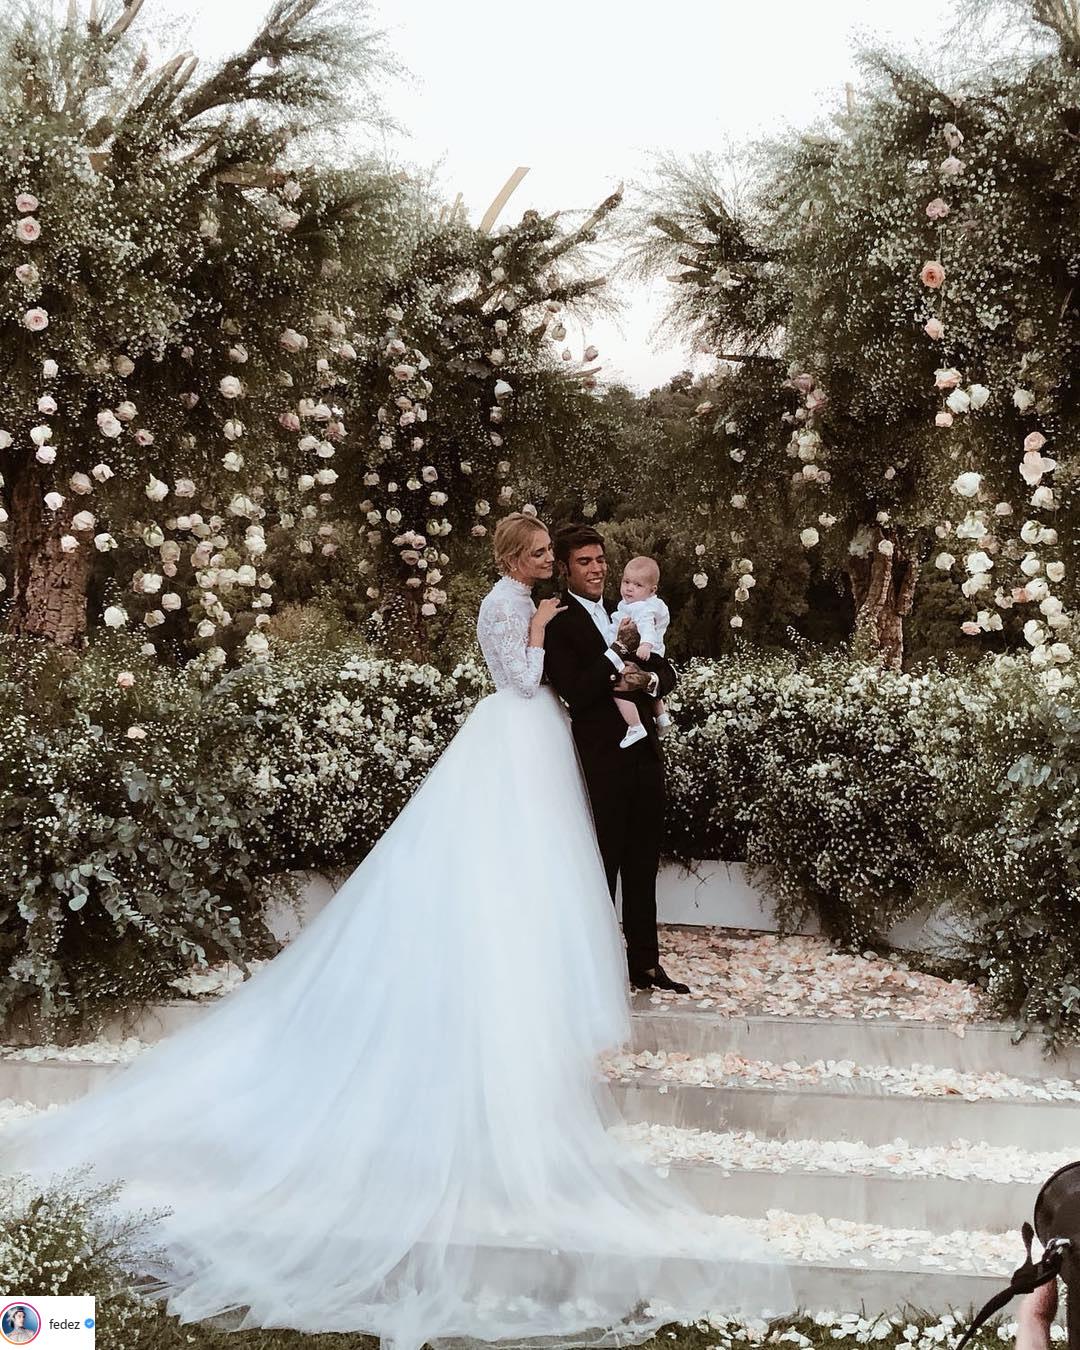 váy cưới của Chiara Ferragni 3